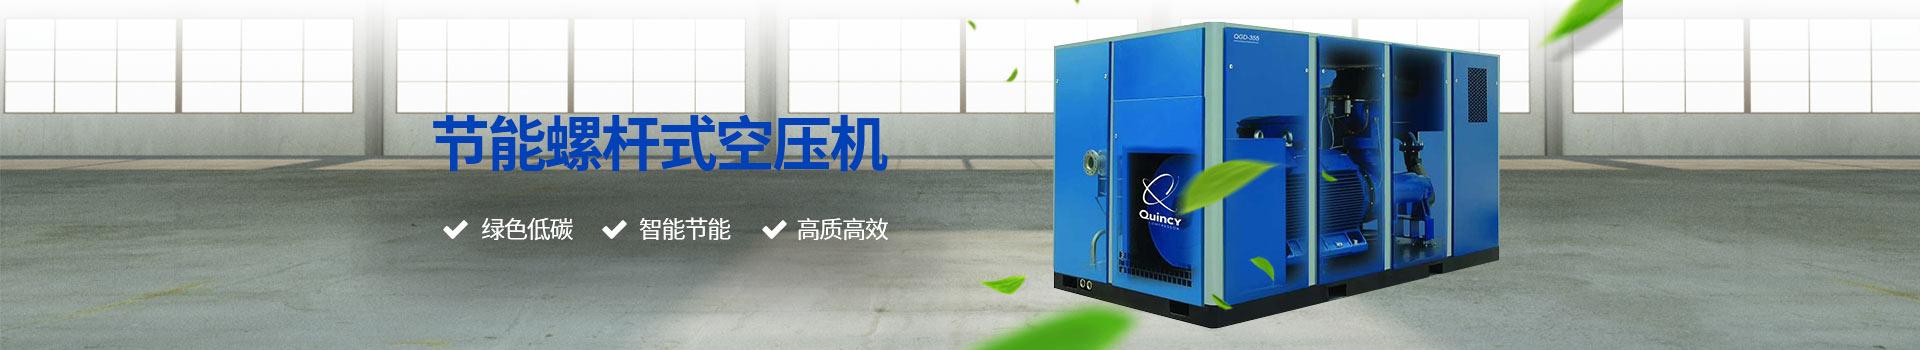 巨劲-节能螺杆式空压机,绿色低碳,智能节能,高质高效